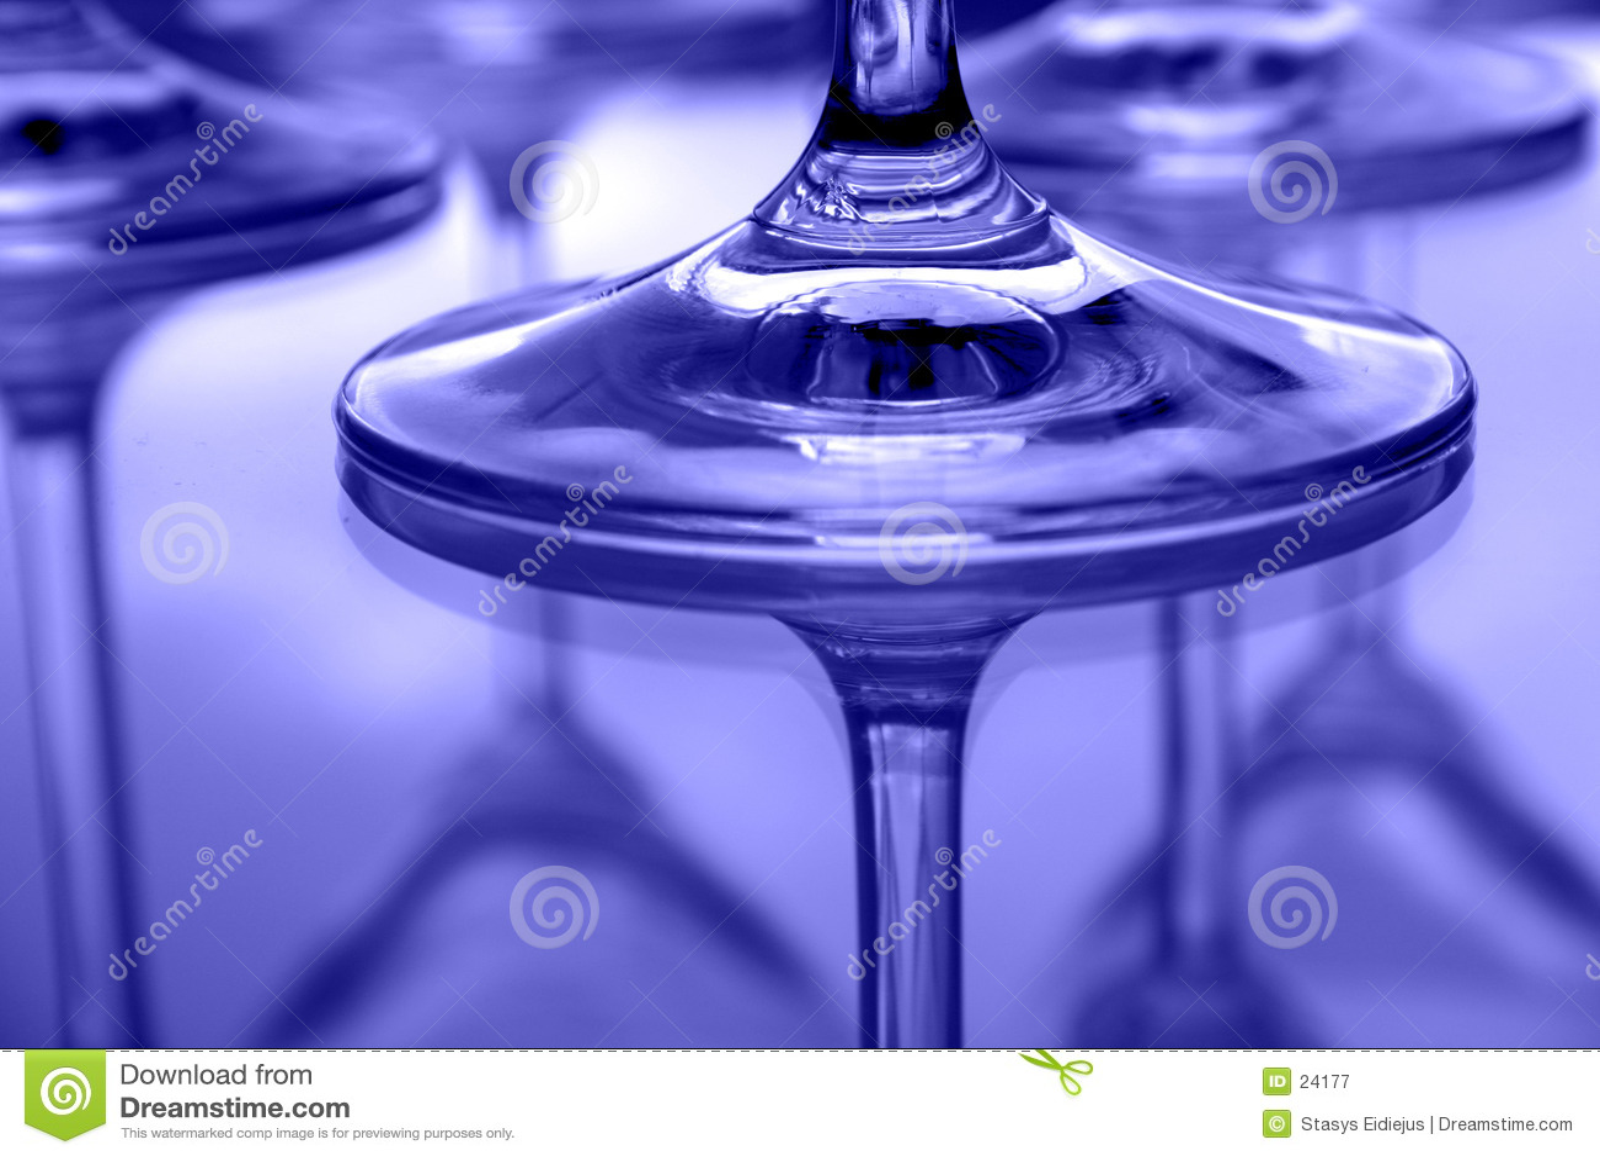 Martini-Gläser